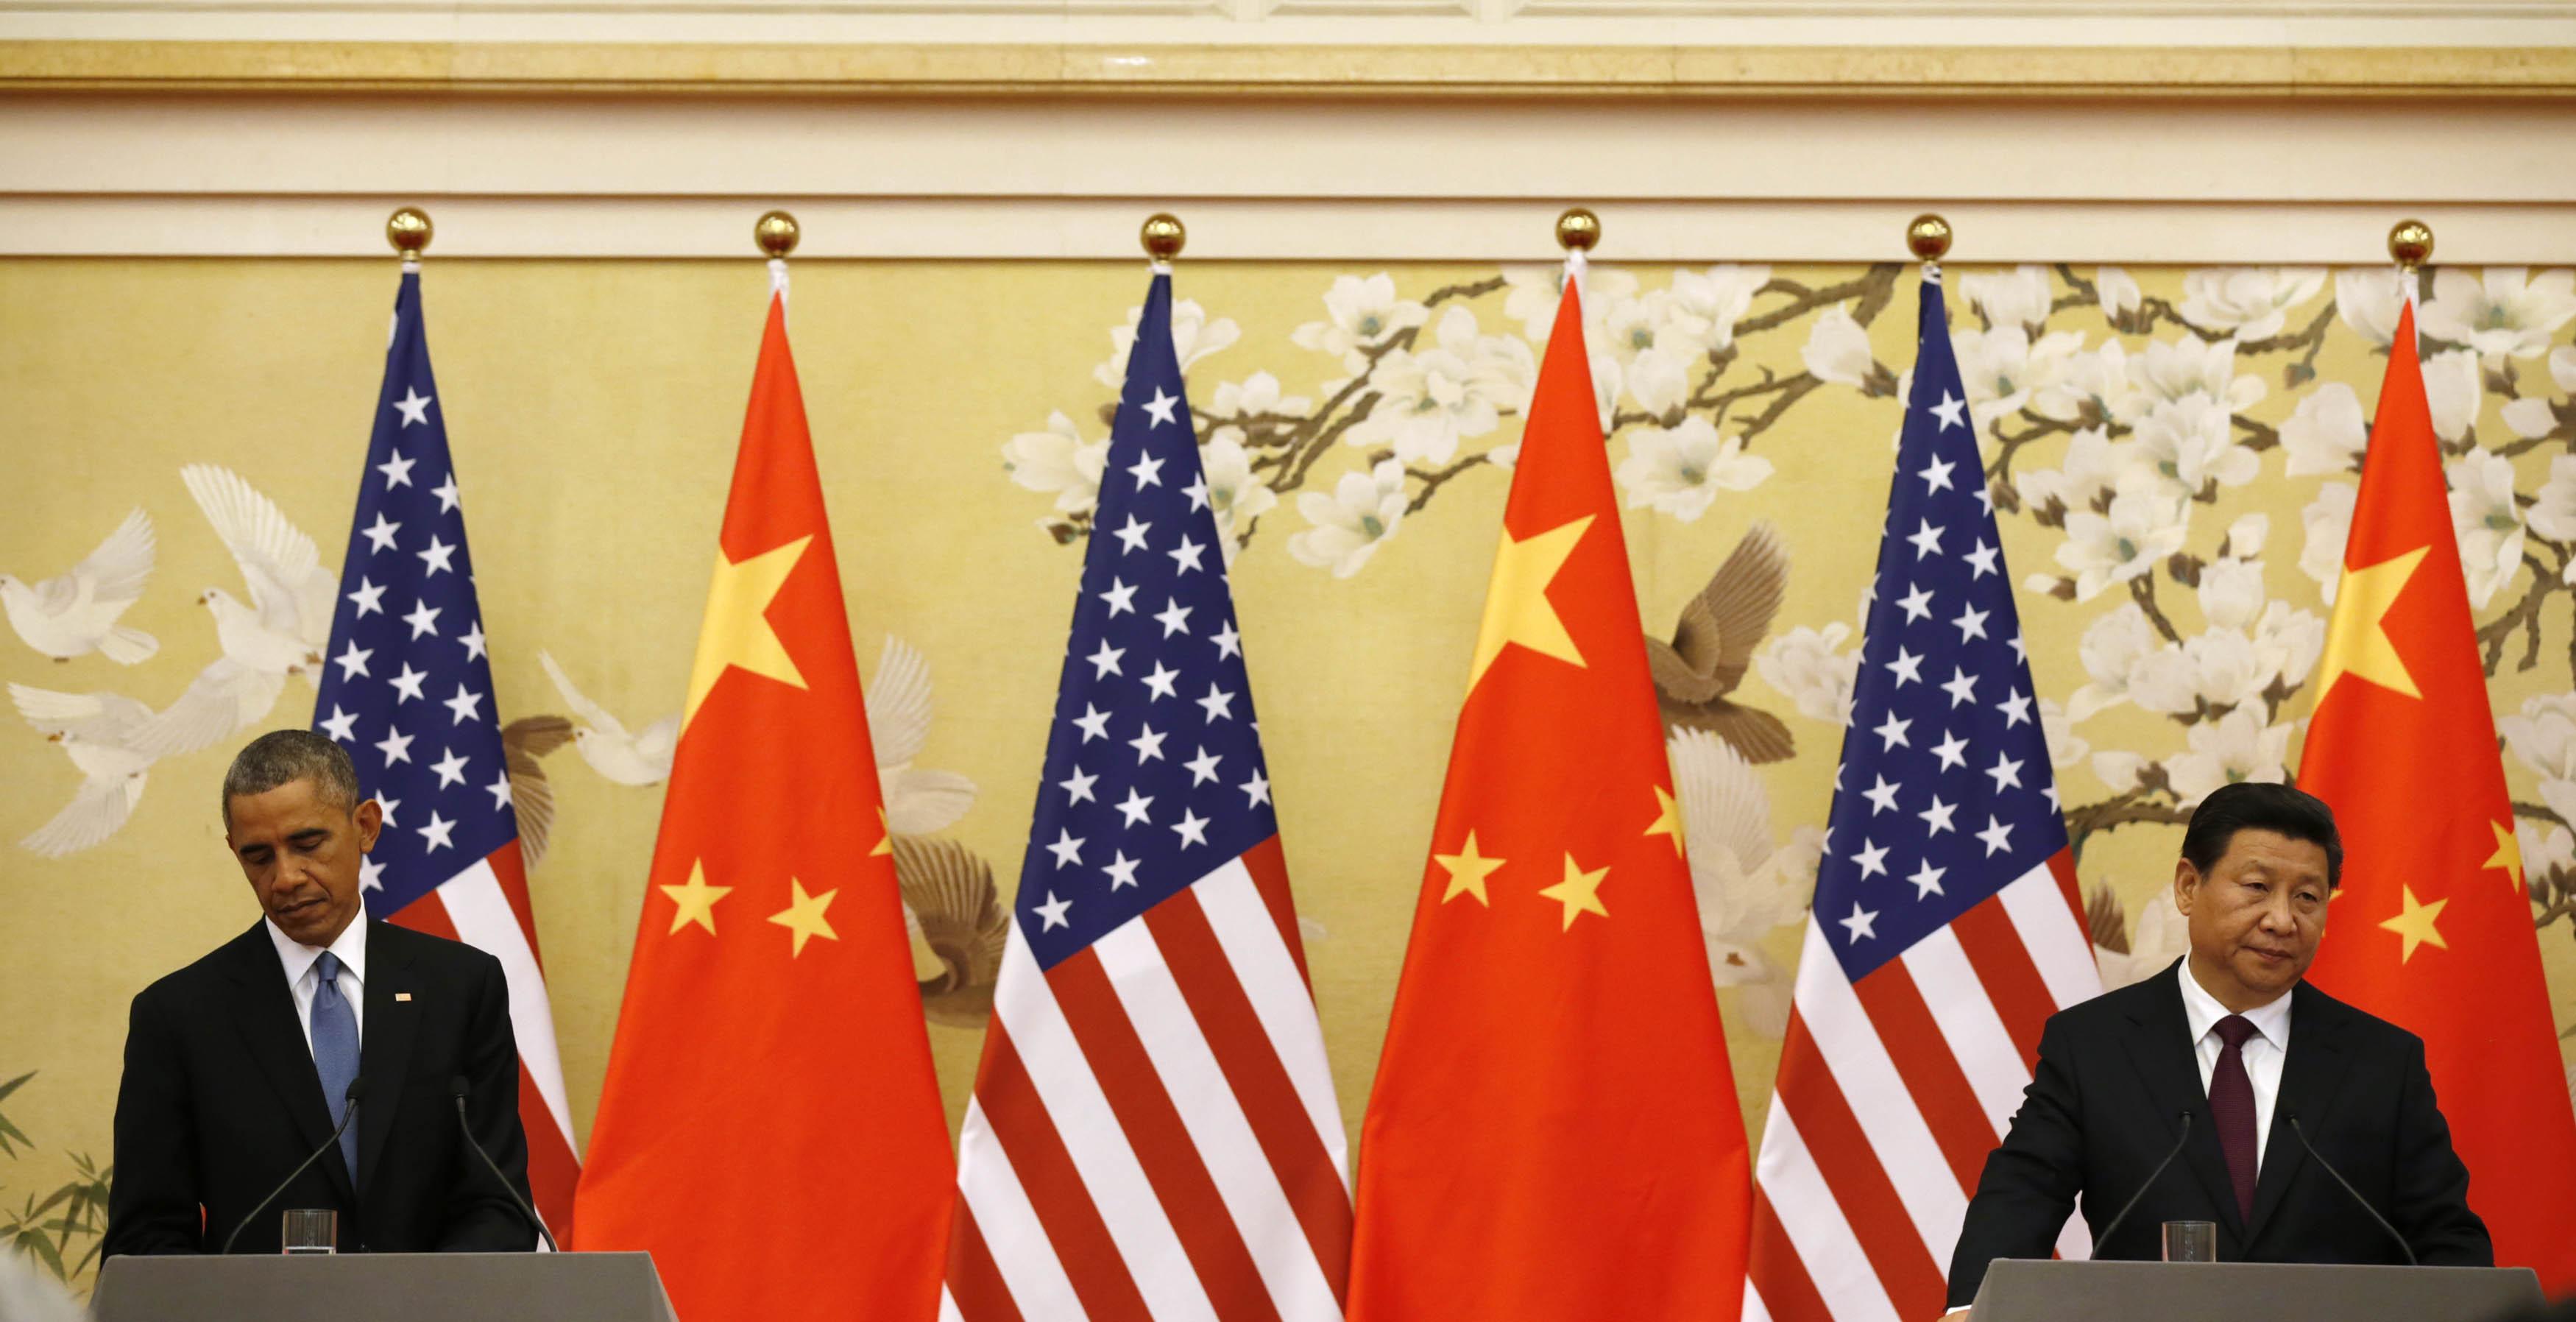 美國總統奧巴馬(左)與中國國家主席習近平(右)於北京人民大會堂召開記者會。攝:Kevin Lamarque/REUTERS